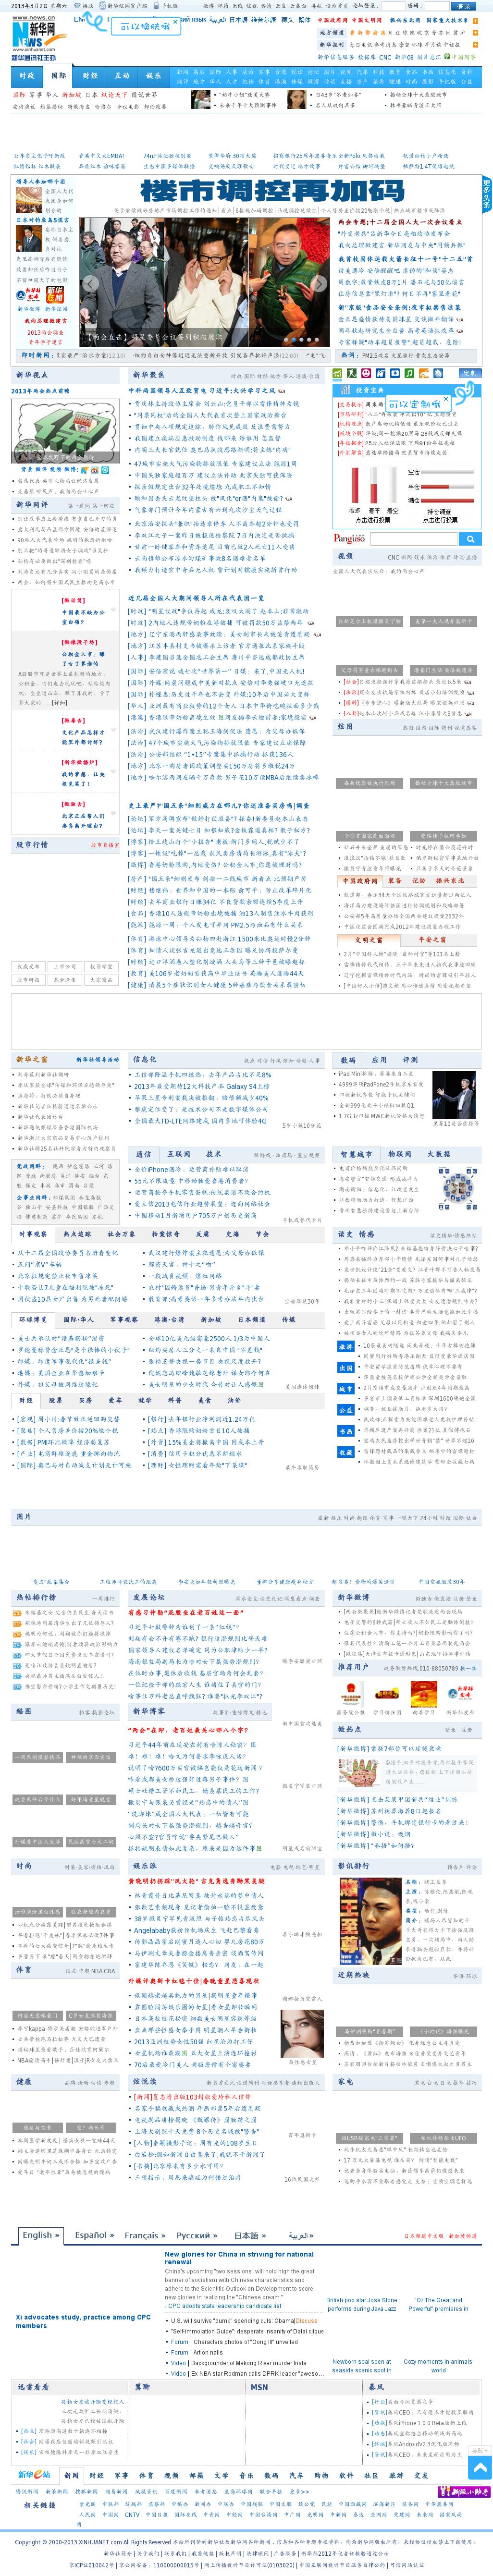 Xinhua at Saturday March 2, 2013, 4:23 a.m. UTC